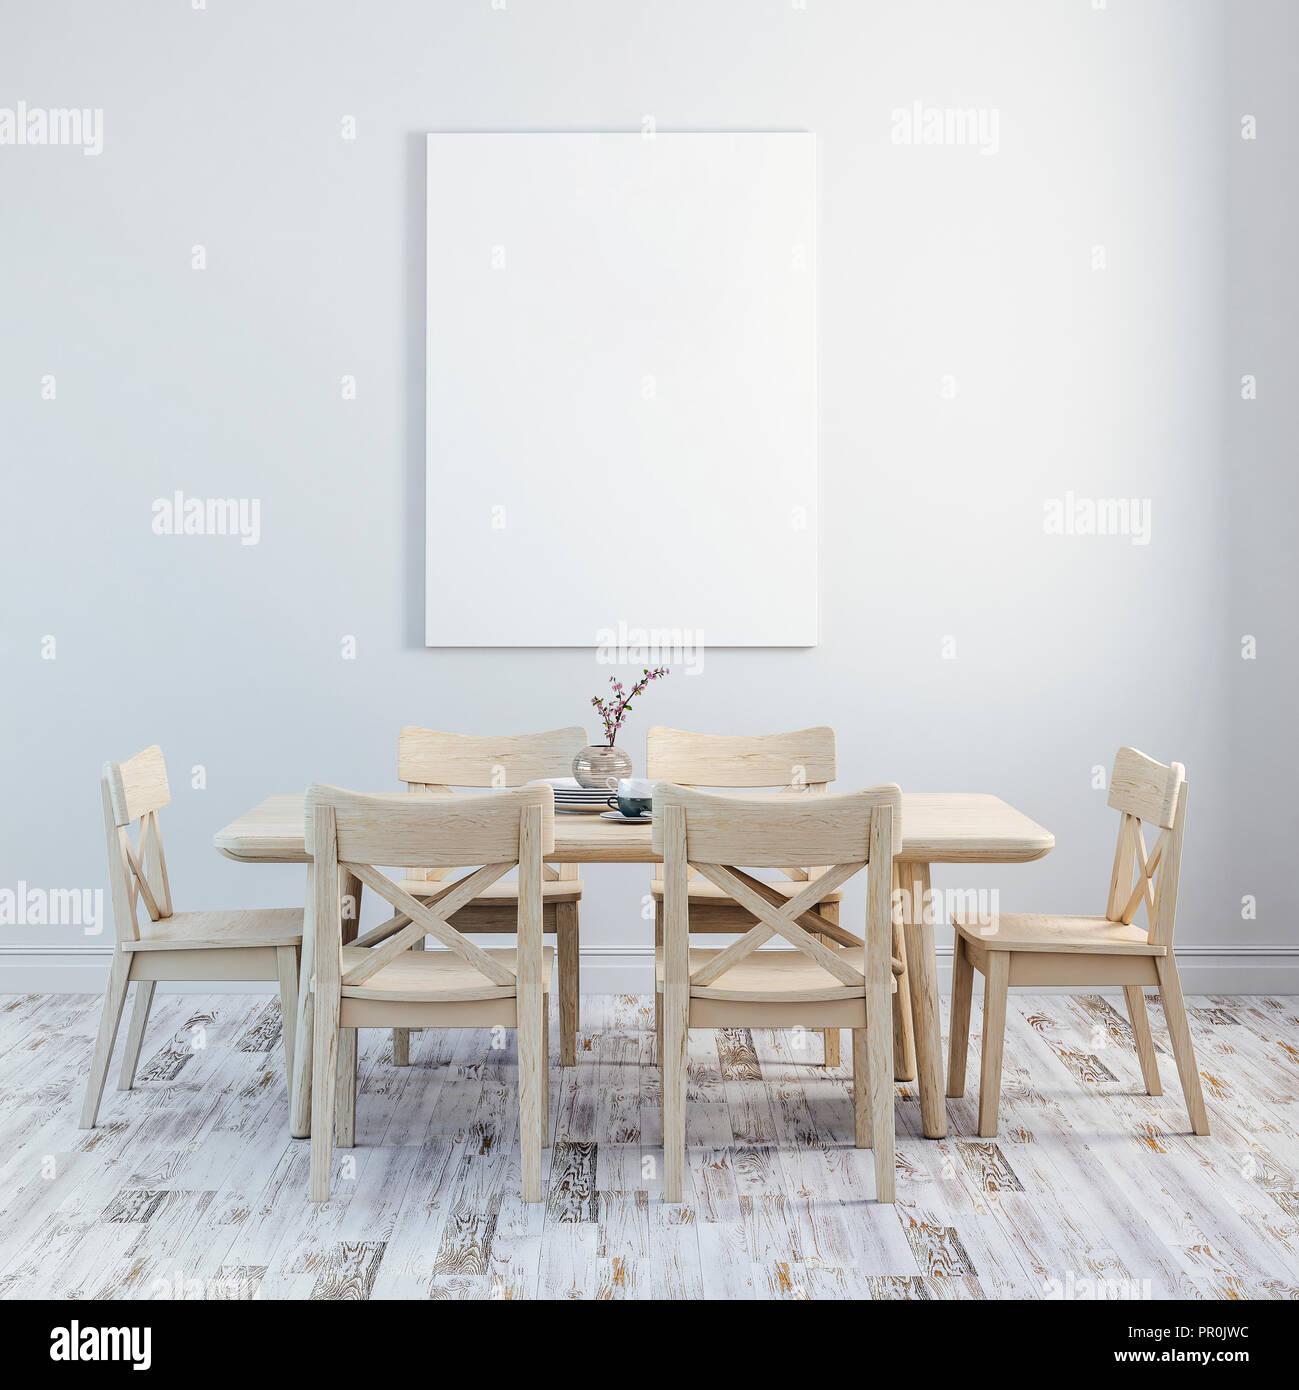 3d Render Di Interni Puliti In Legno Con Tavolo E Sedie Foto Stock Alamy